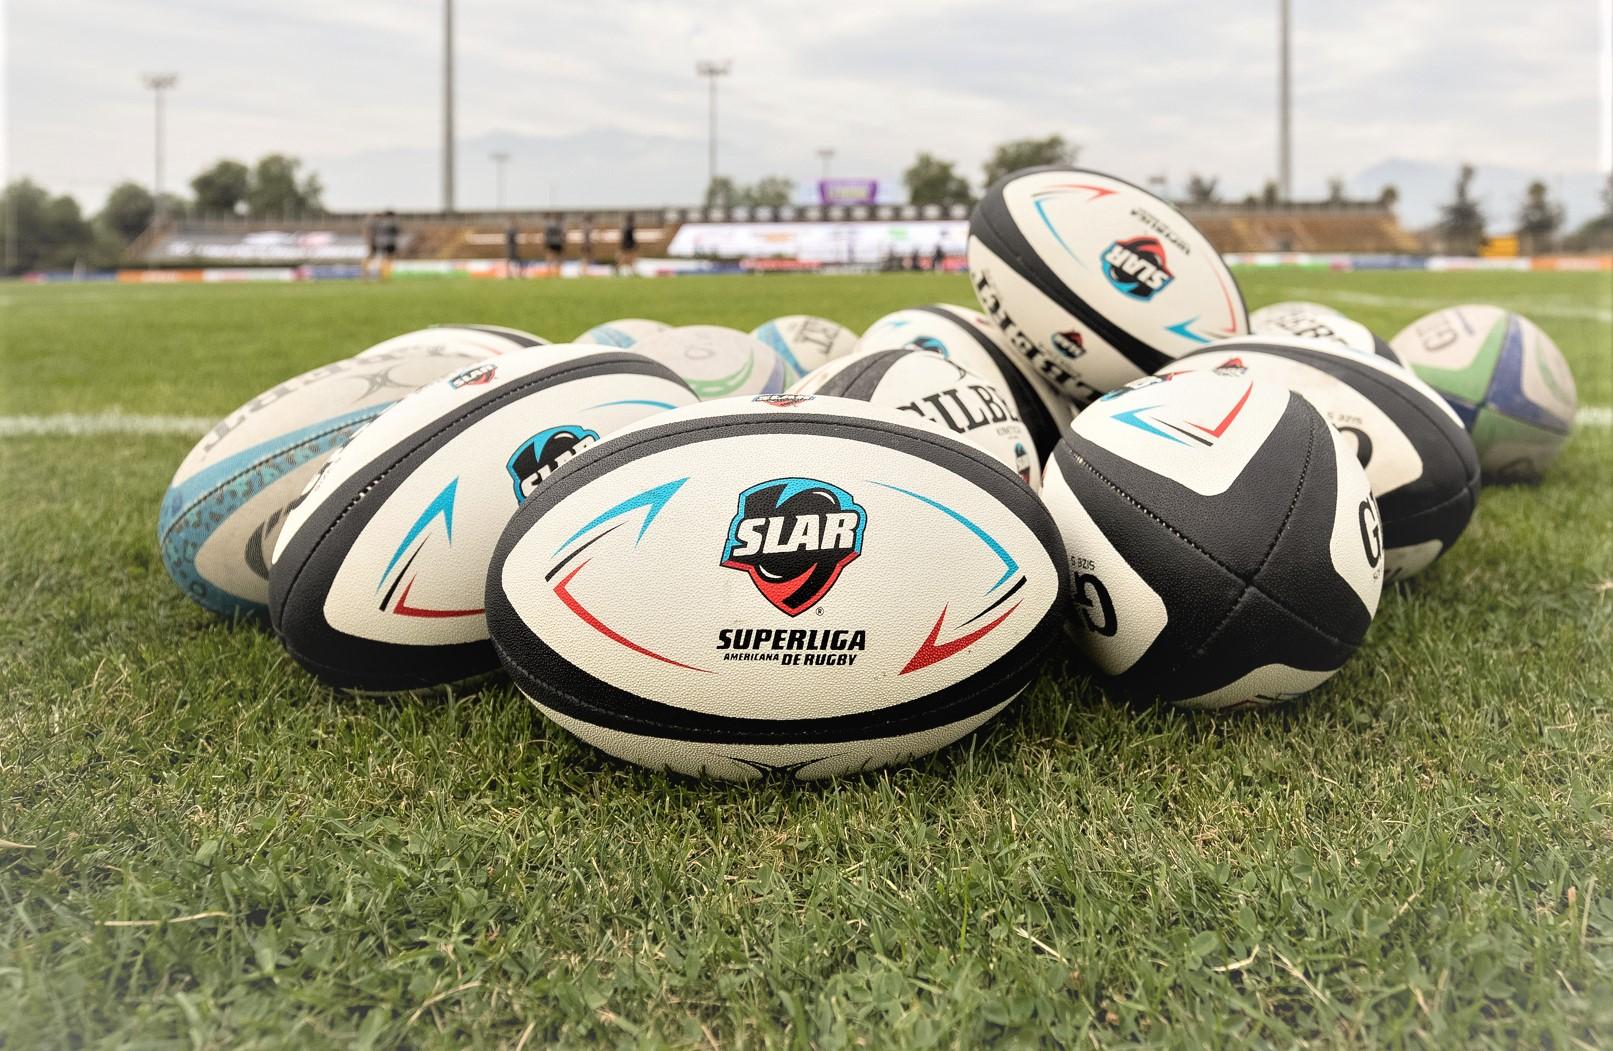 La Previa de las semifinales de la Superliga Americana de Rugby